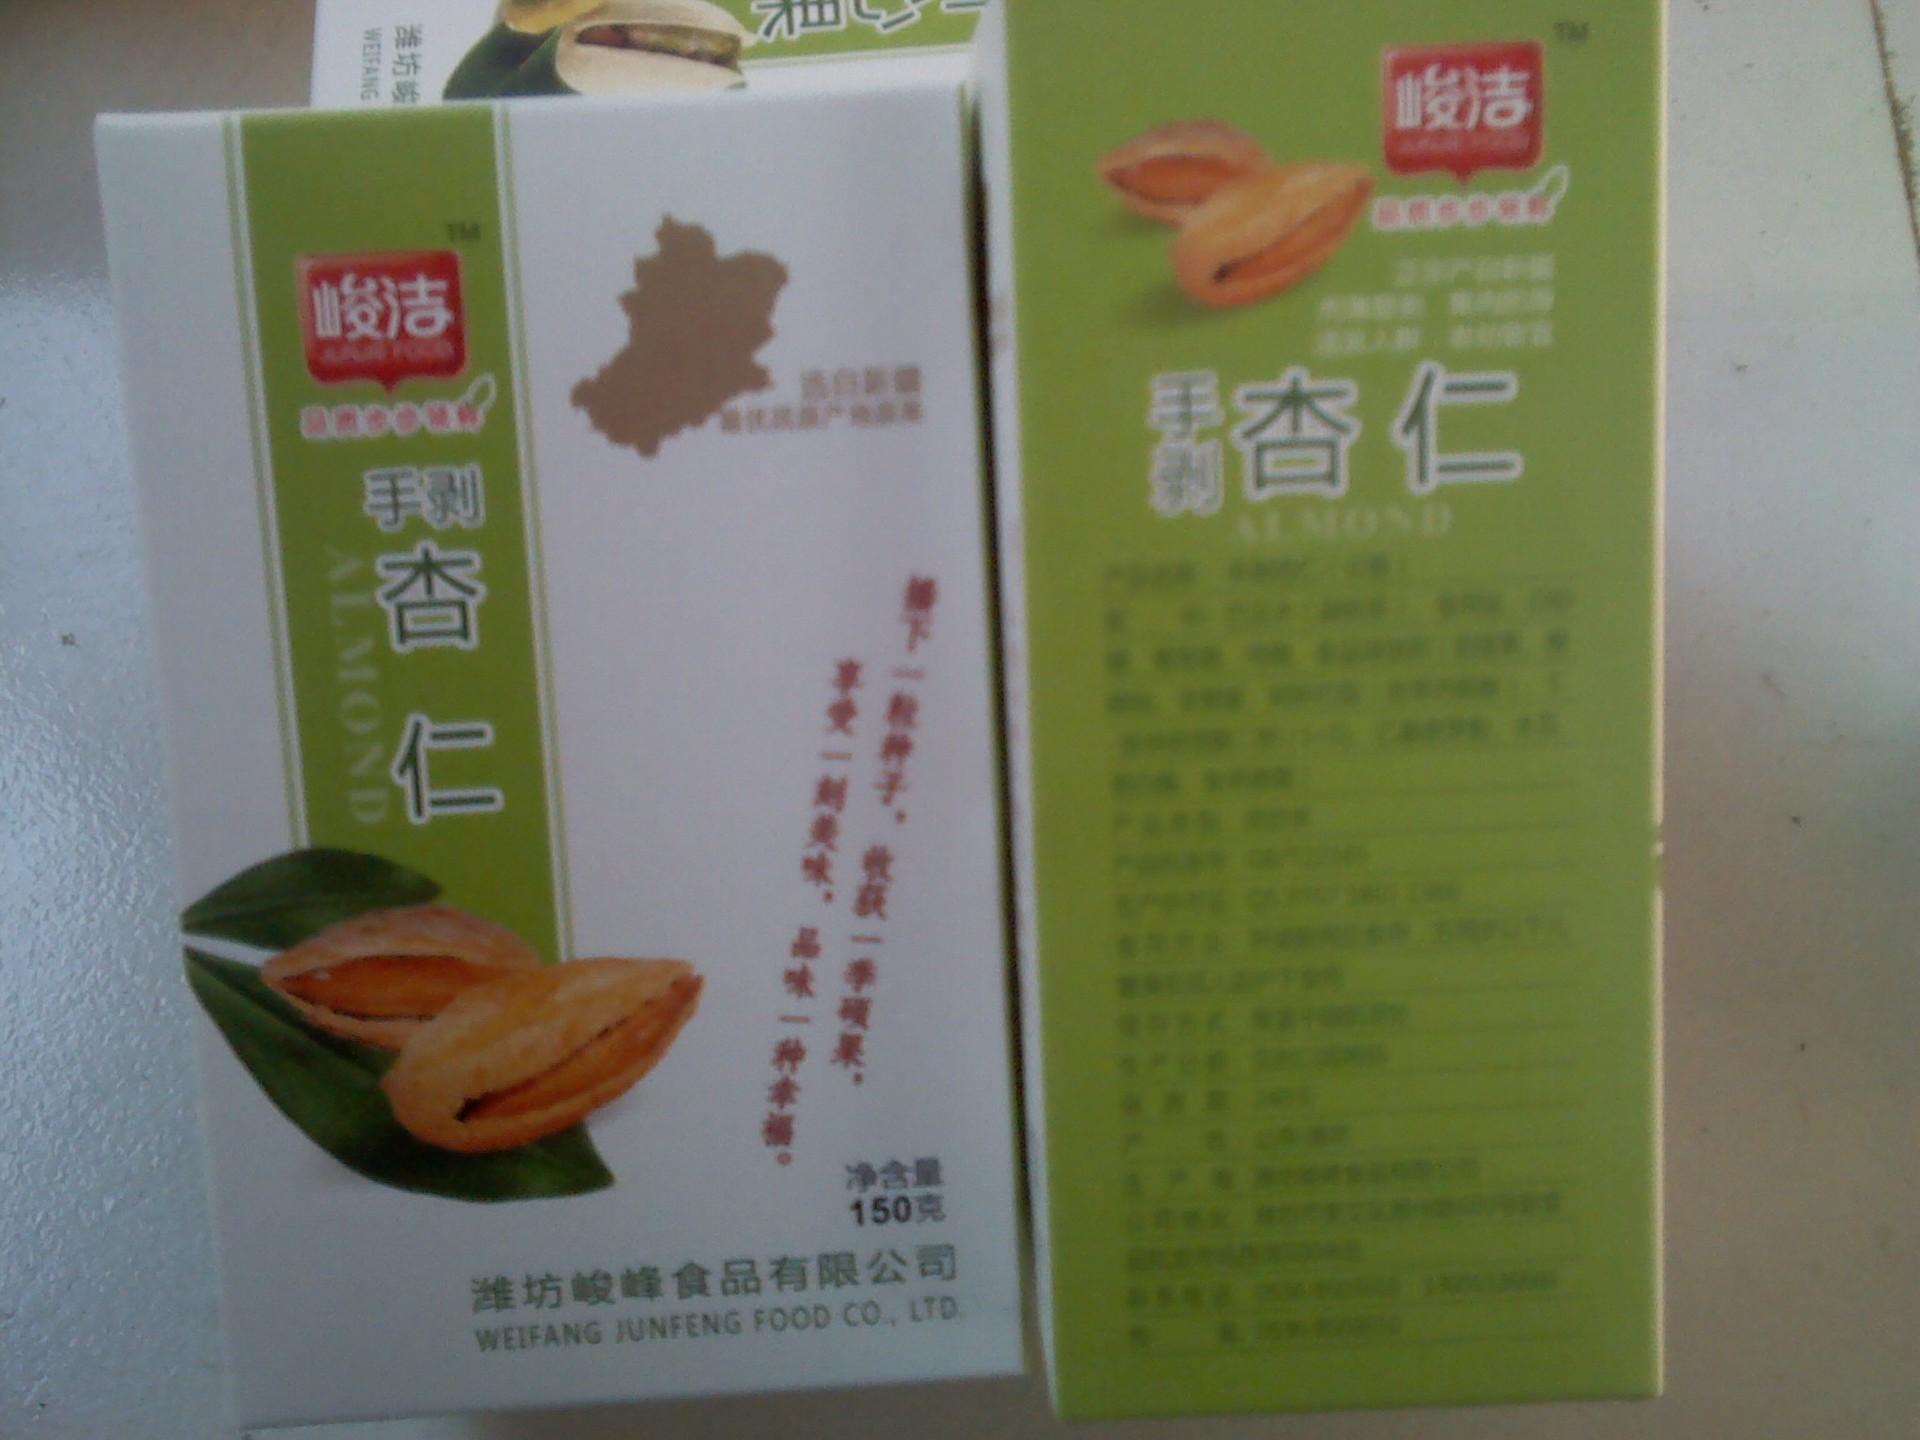 手剥壳杏仁休闲食品批发礼盒装150g干果坚果巴达木